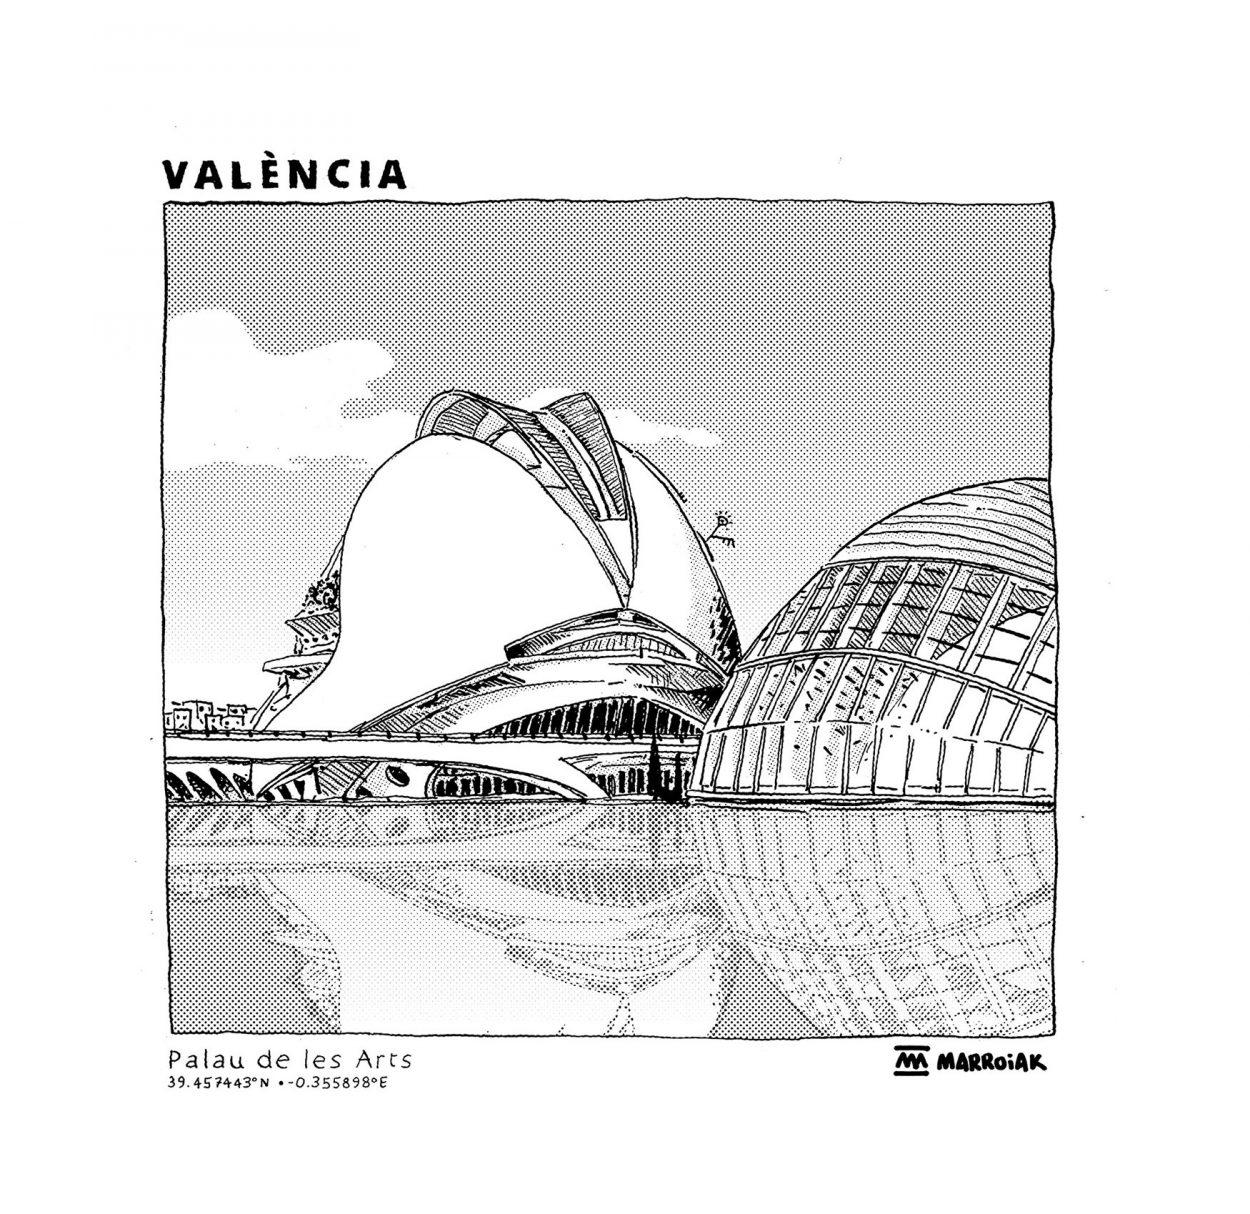 Dibujo en blanco y negro del Palau de les Arts en la Ciudad de las Artes y de las Ciencias en Valencia. Arquitectura. Diseño.